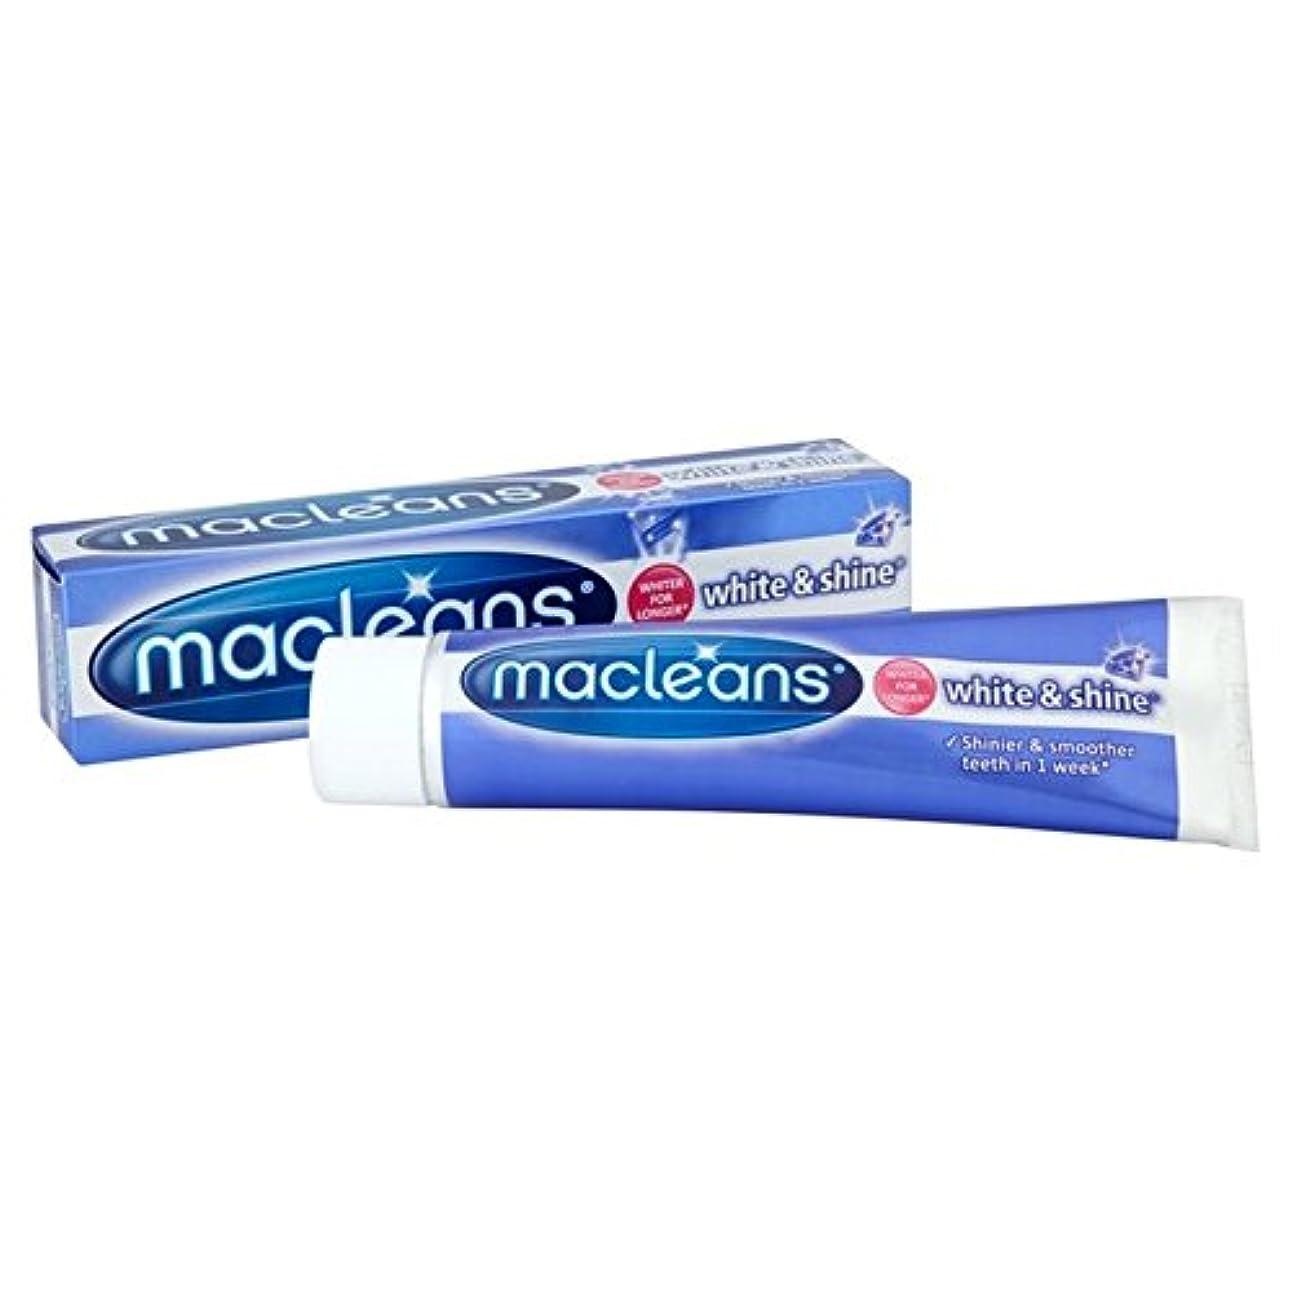 人類発生リーク''歯磨き粉の100ミリリットル x2 - Macleans White'n'shine Toothpaste 100ml (Pack of 2) [並行輸入品]